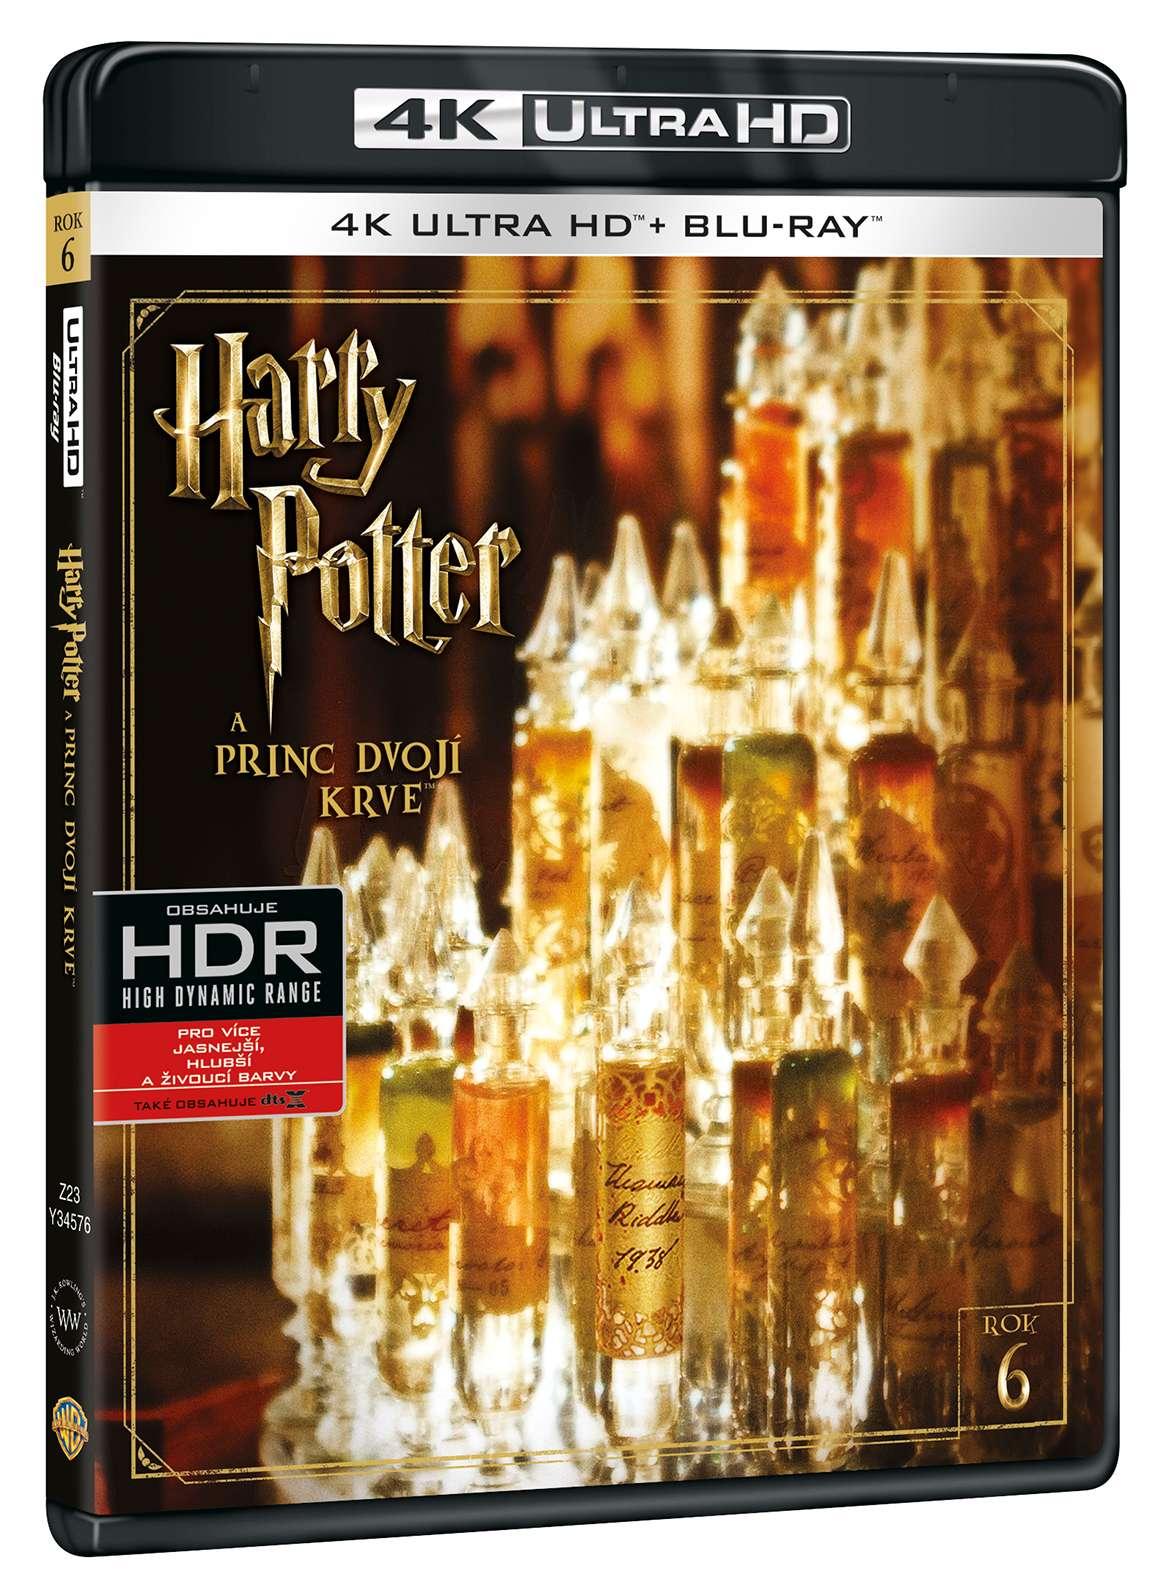 HARRY POTTER A PRINC DVOJÍ KRVE (4K ULTRA HD) - UHD Blu-ray + Blu-ray (2 BD)